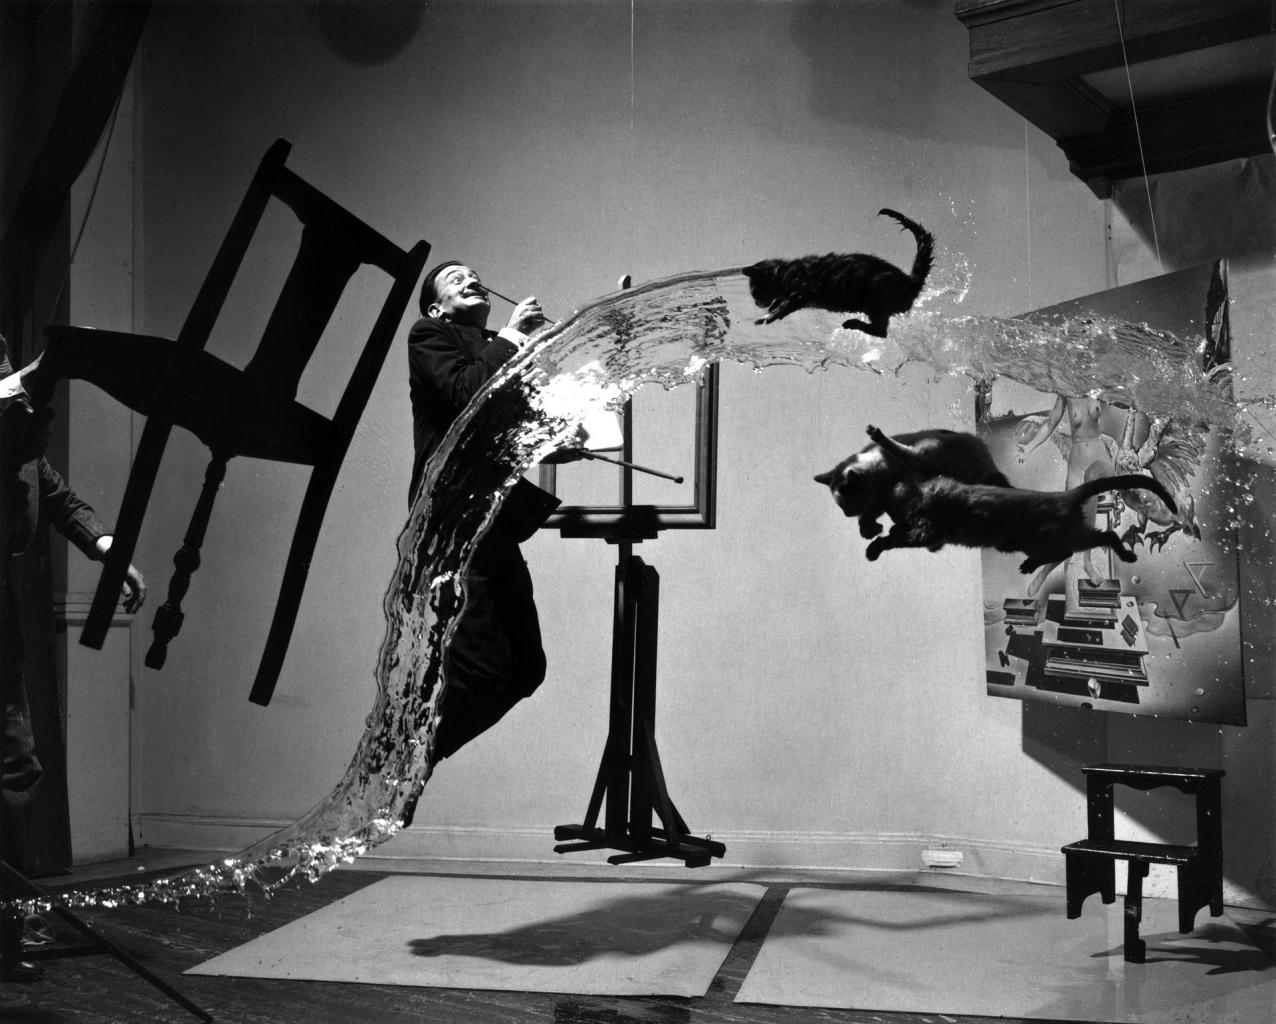 Philippe Halsman fotós egyik leghíresebb portréja, a Dalí Atomicus, Salvador Dalít ábrázolja, repülő macskákkal.